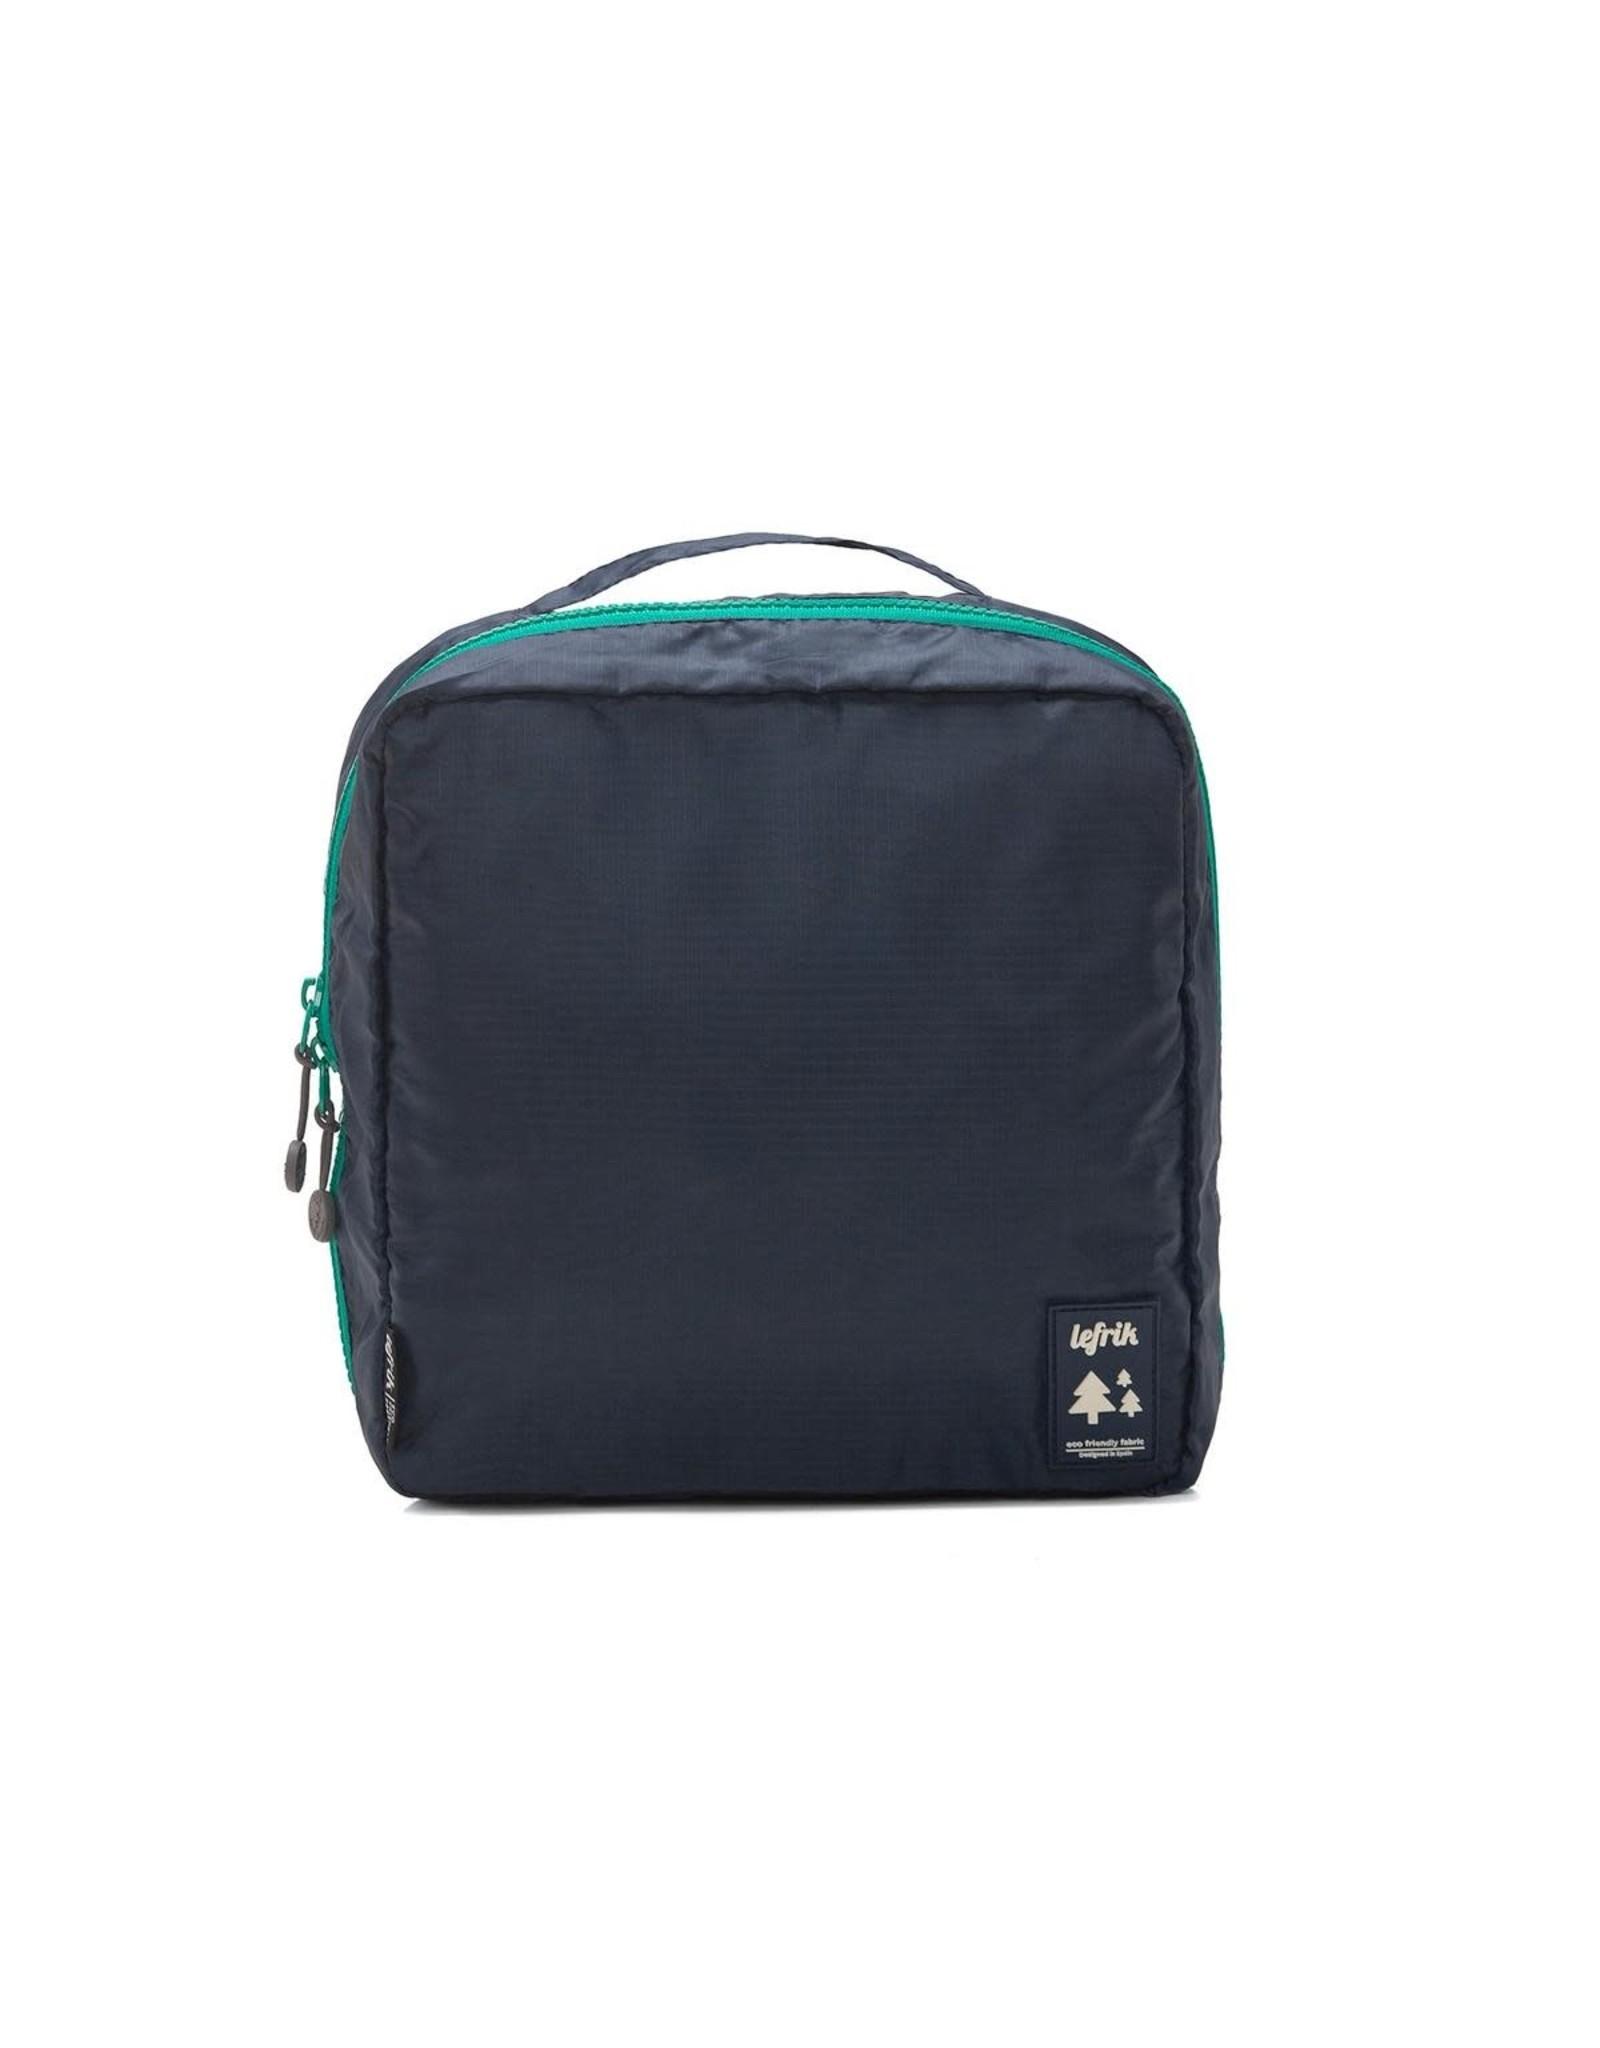 LEFRIK MULTIWASH  BAG - Navy/Green